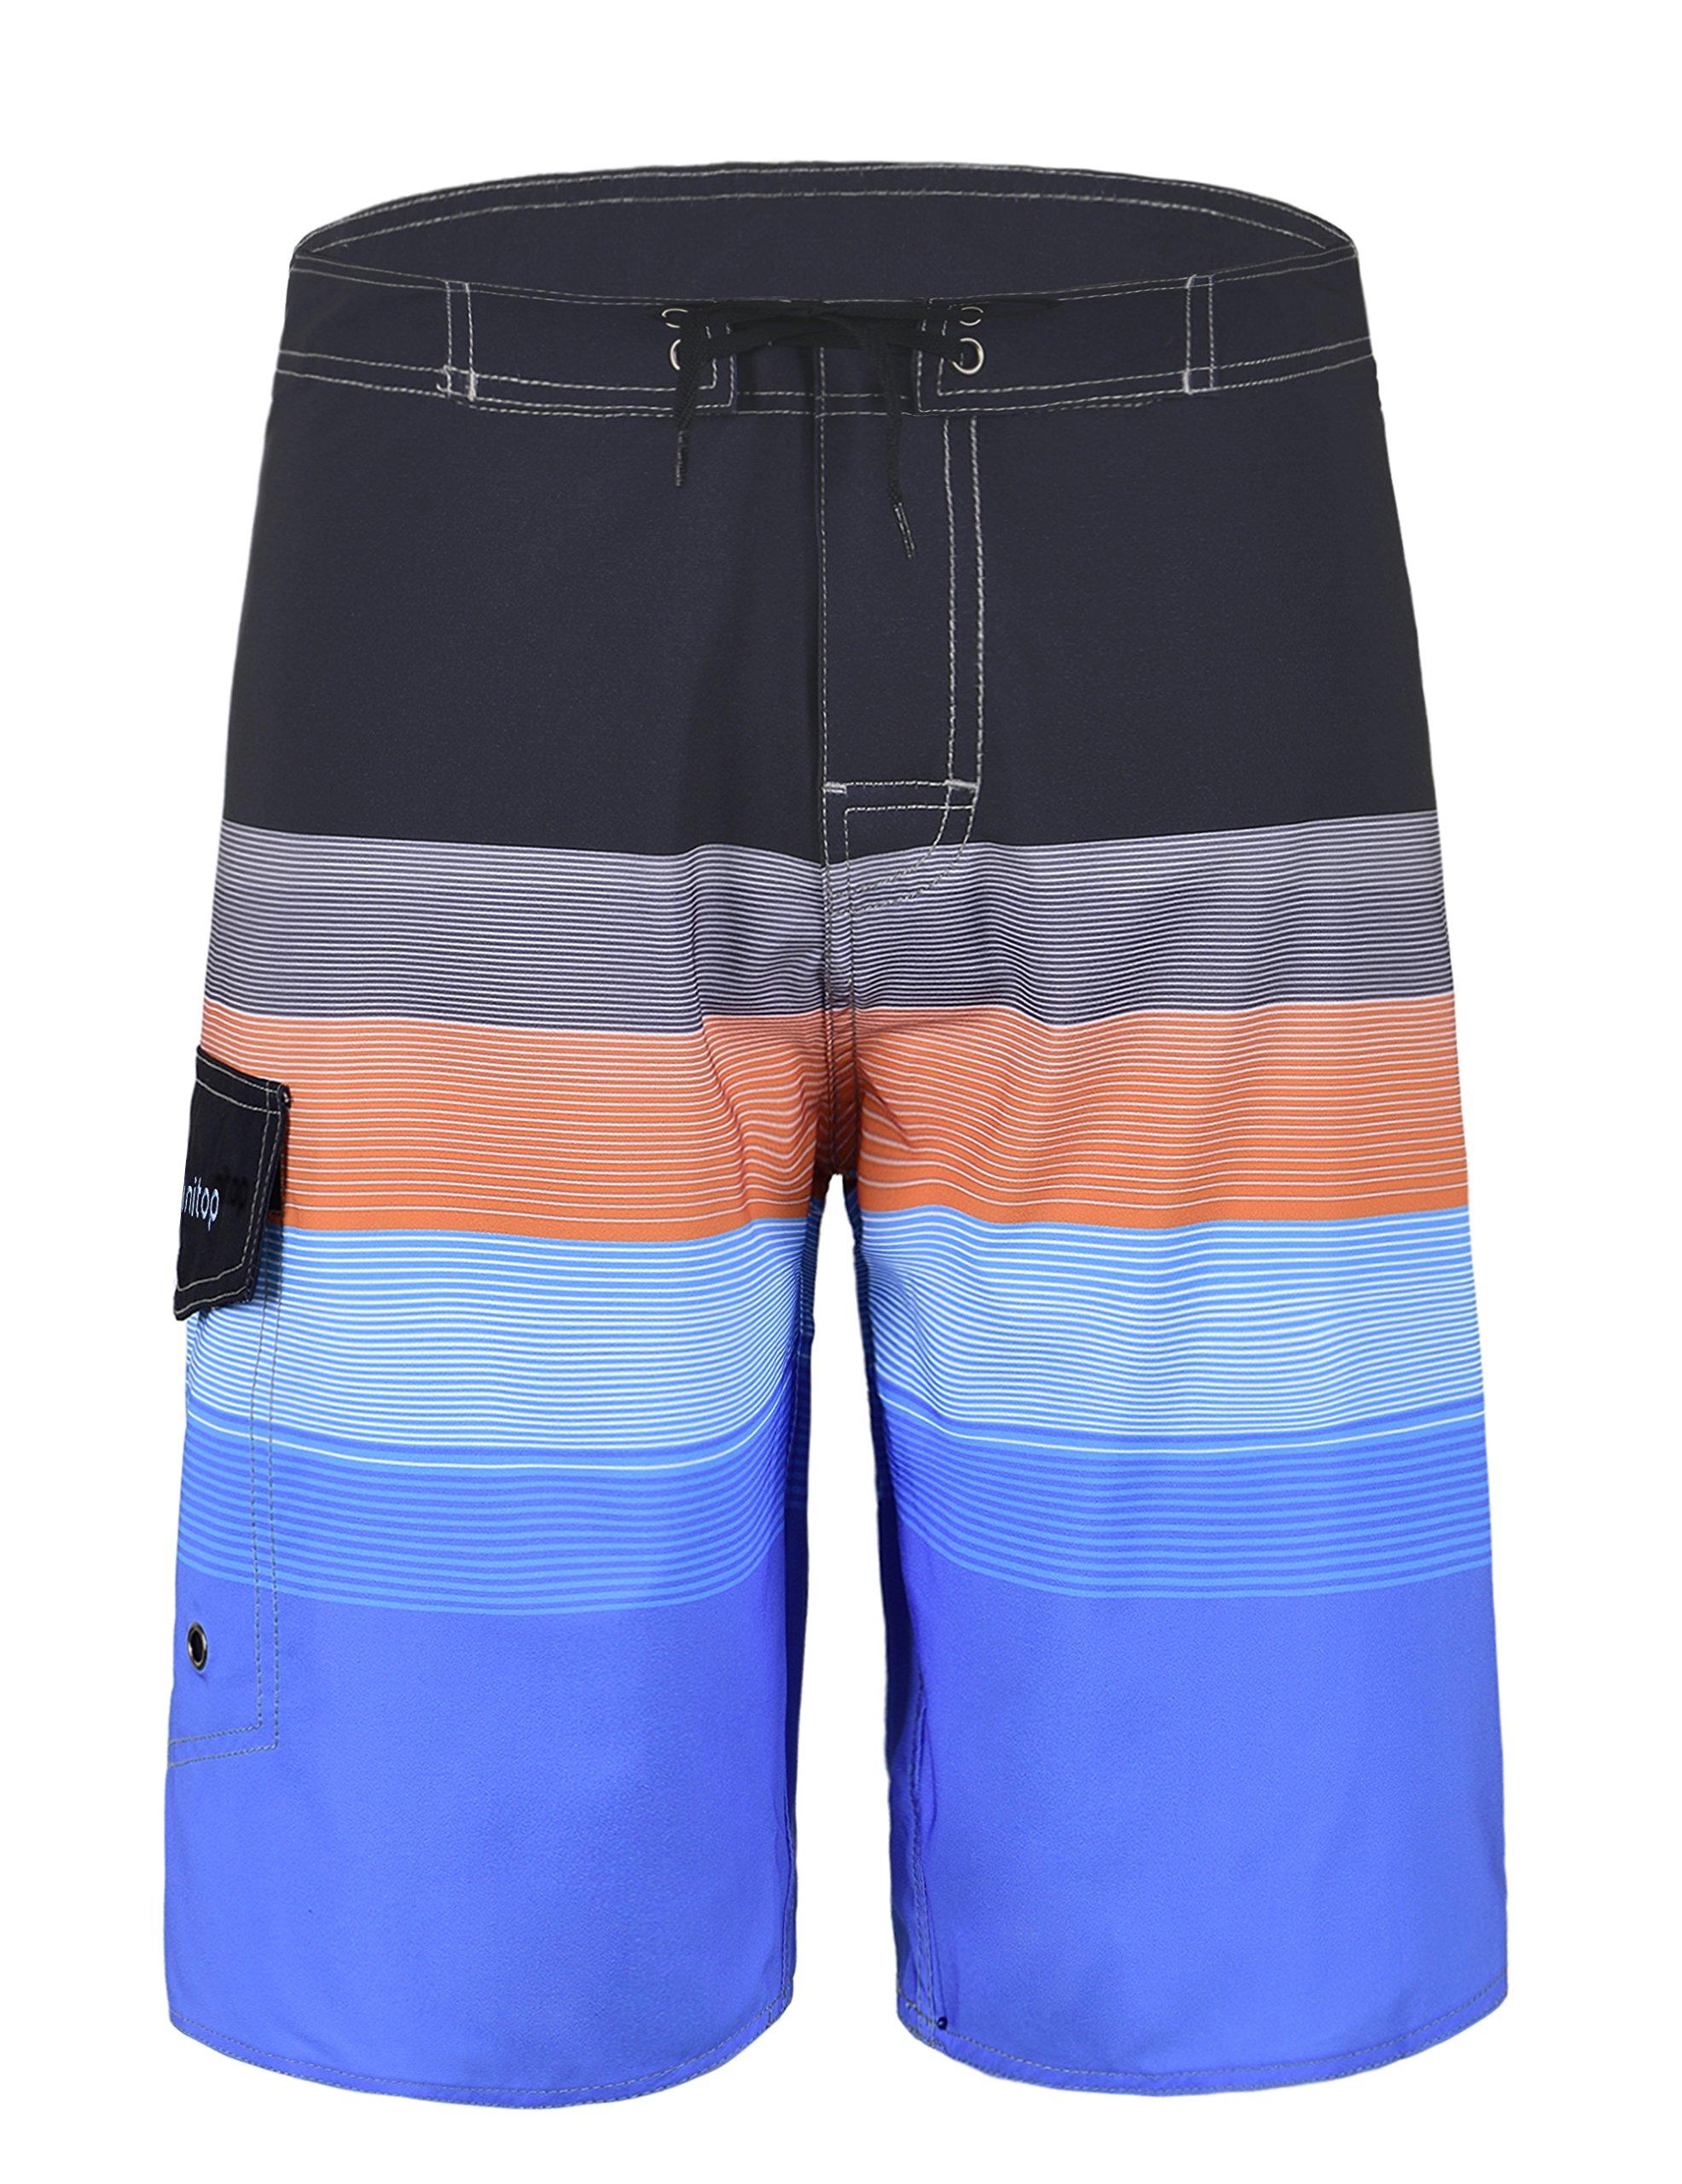 Unitop Men's Beachwear Board Shorts Orange 36